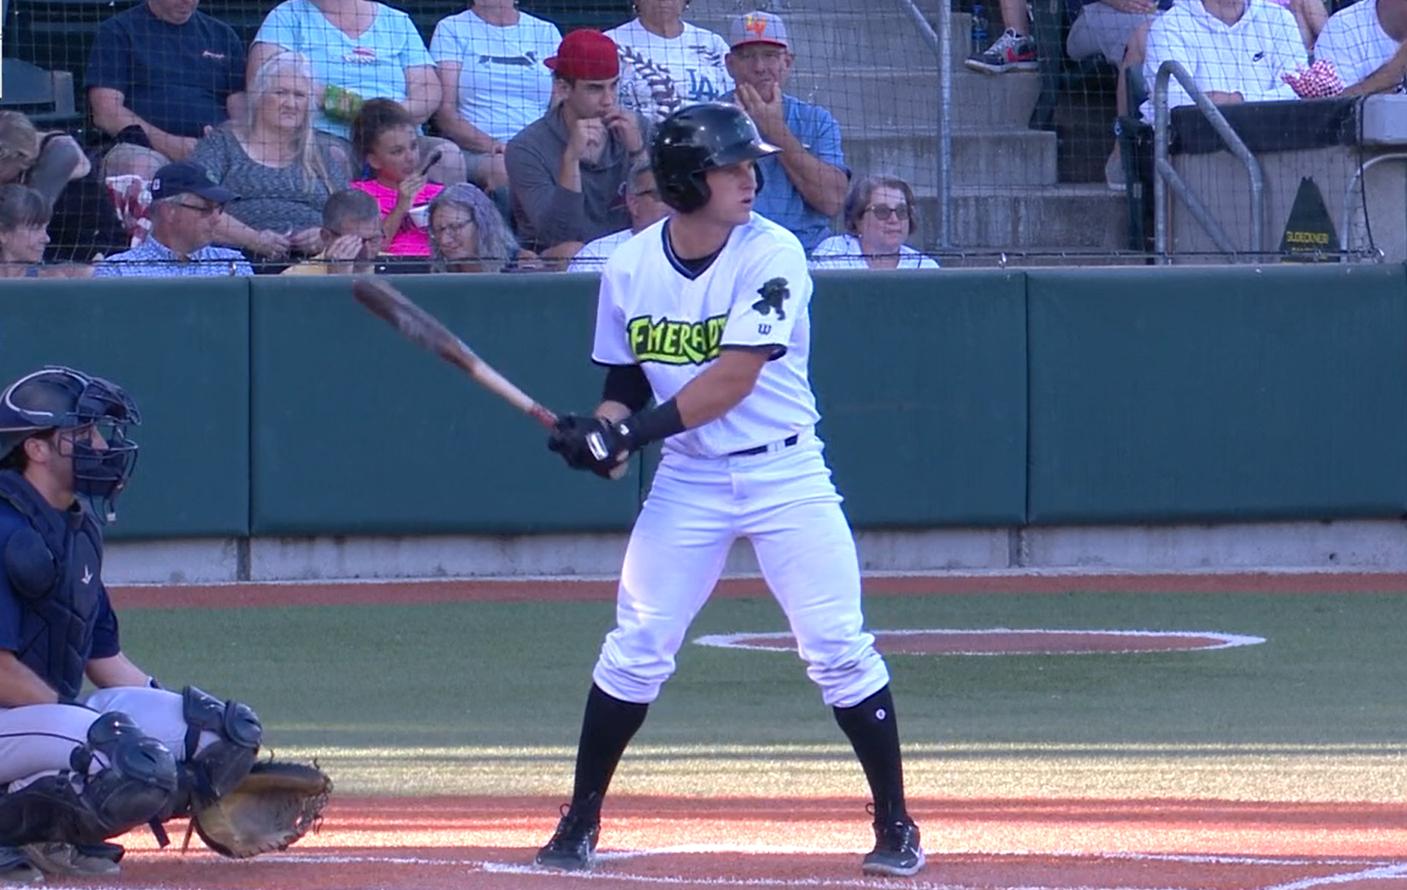 Brett Auerbach batting for Eugene Emeralds